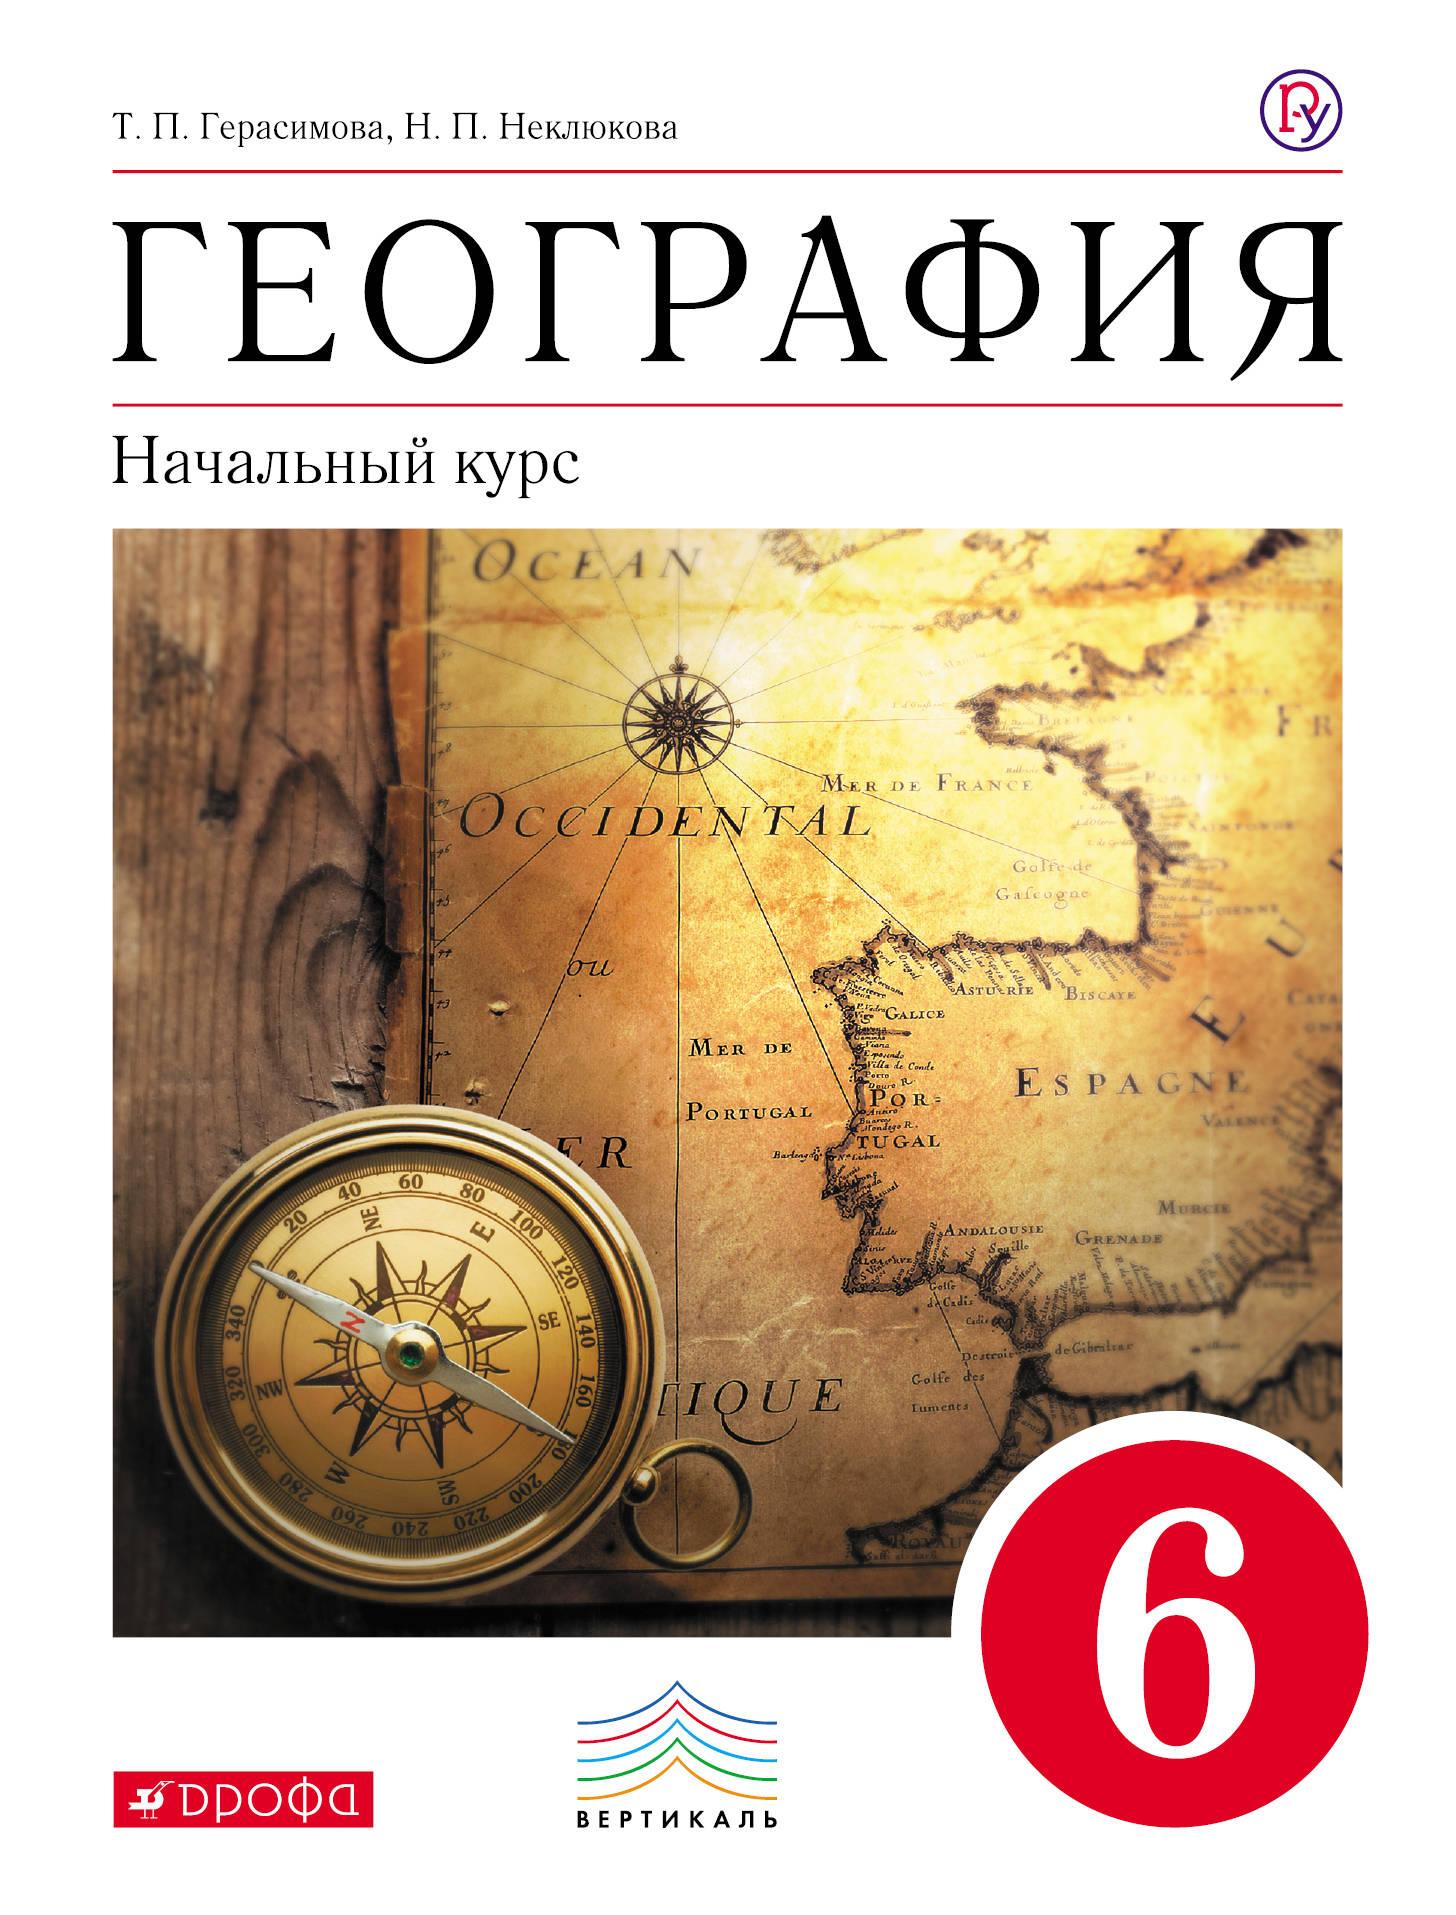 Начальный курс географии 6 класс 2018 г гдз герасимова т п неклюкова н п